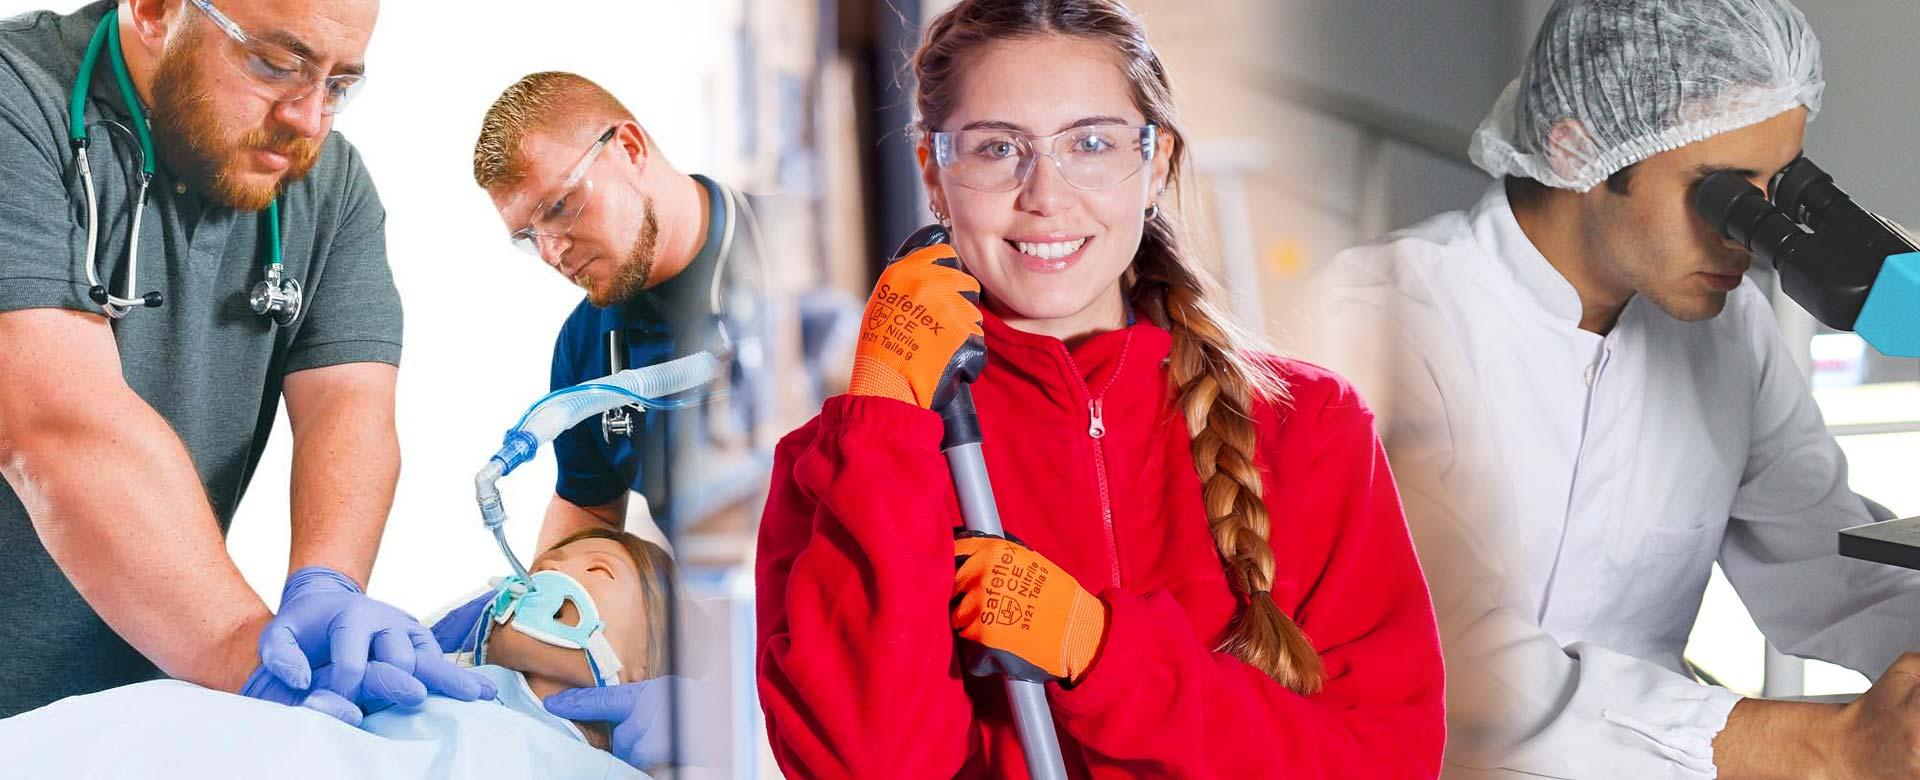 FormadHoc organizza i corsi per aziende sulla sicurezza nei luoghi di lavoro a Como, Erba, Lomazzo.